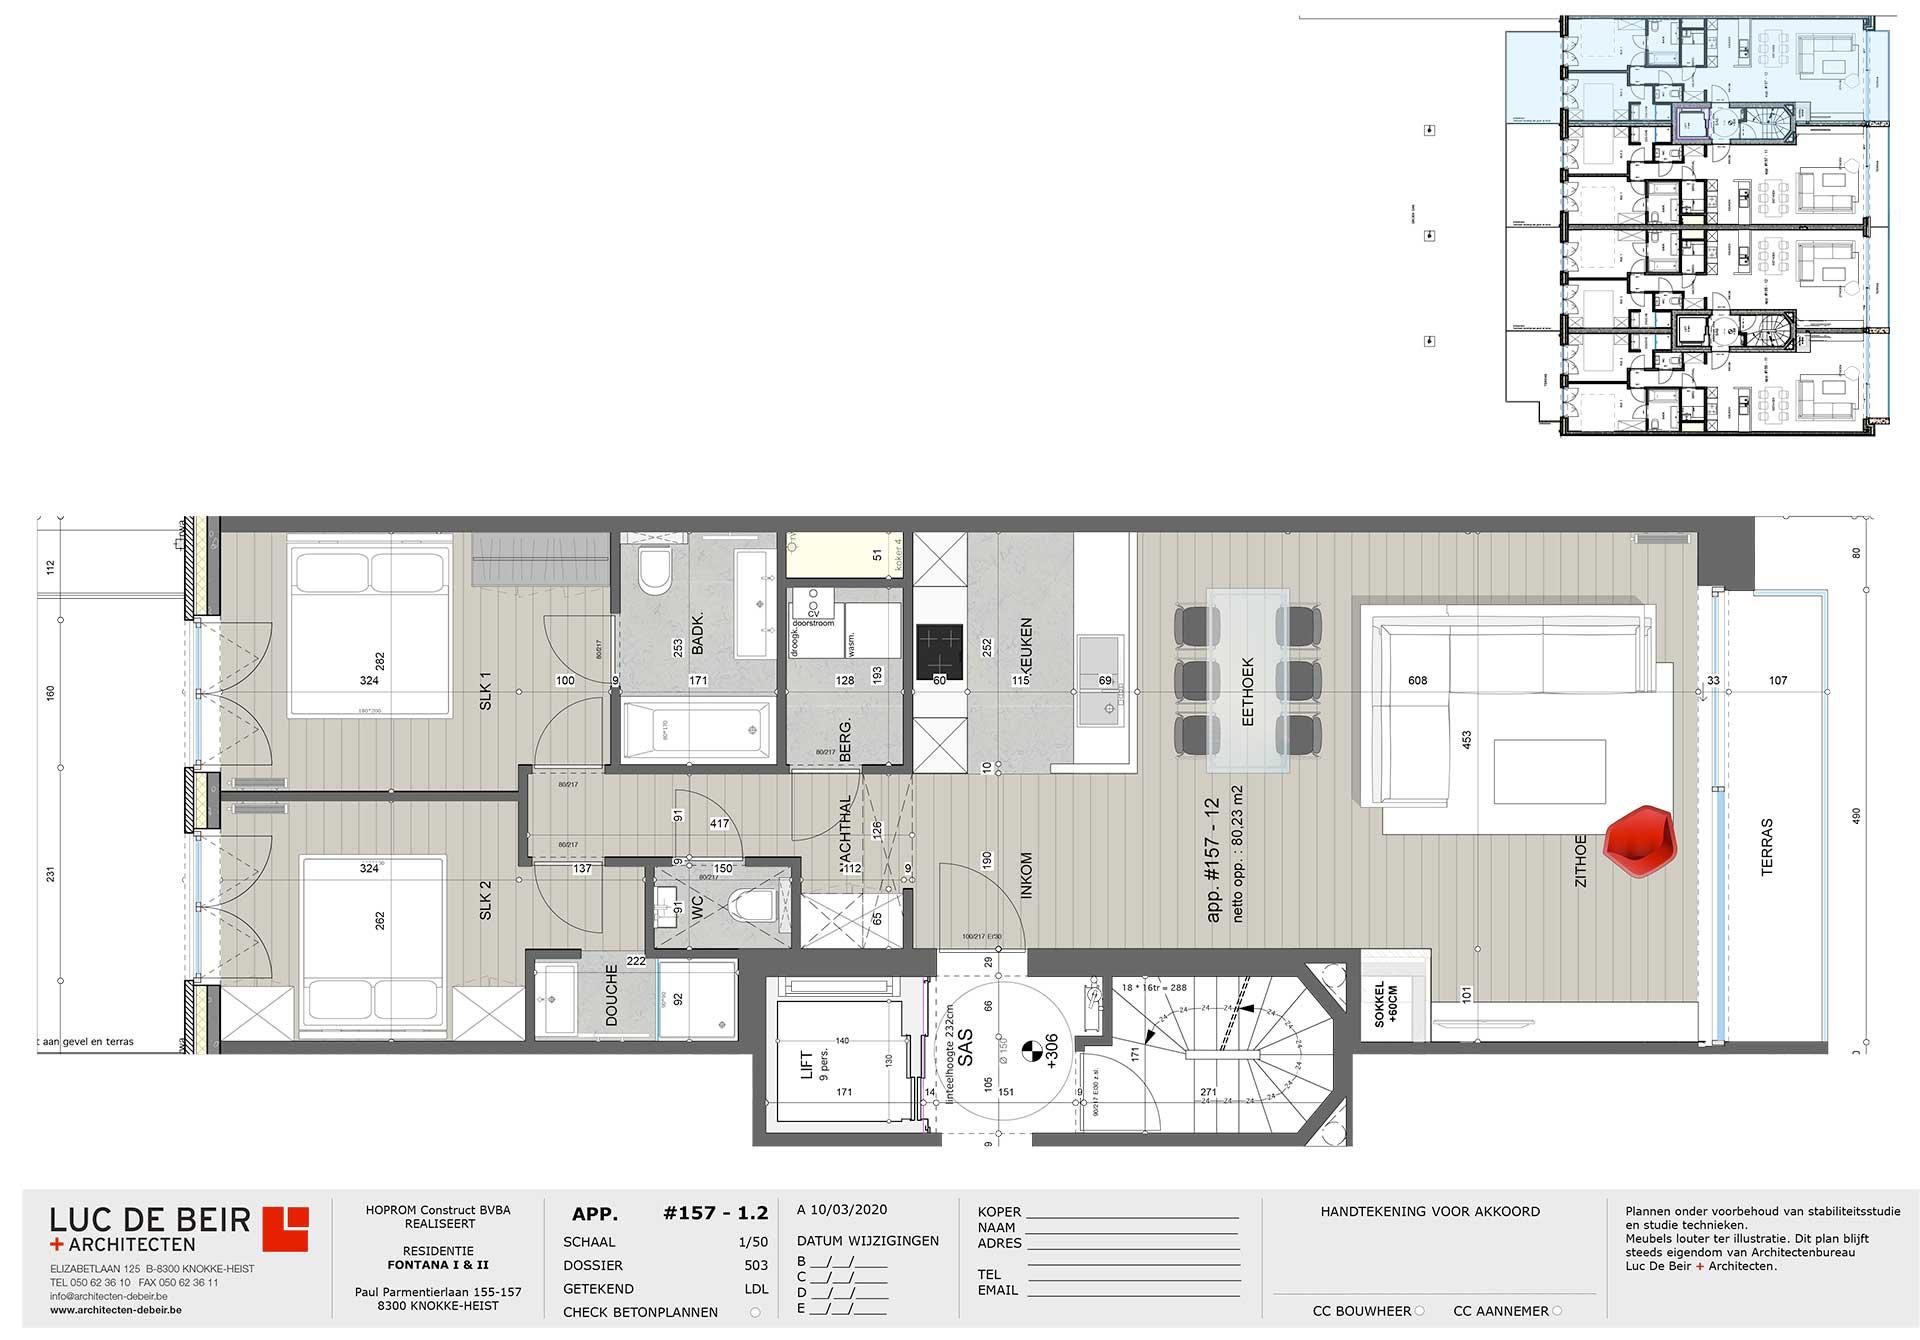 Residentie <br/> Fontana - image residentie-fontana-appartement-te-koop-knokke-plannen-157-12-2 on https://hoprom.be